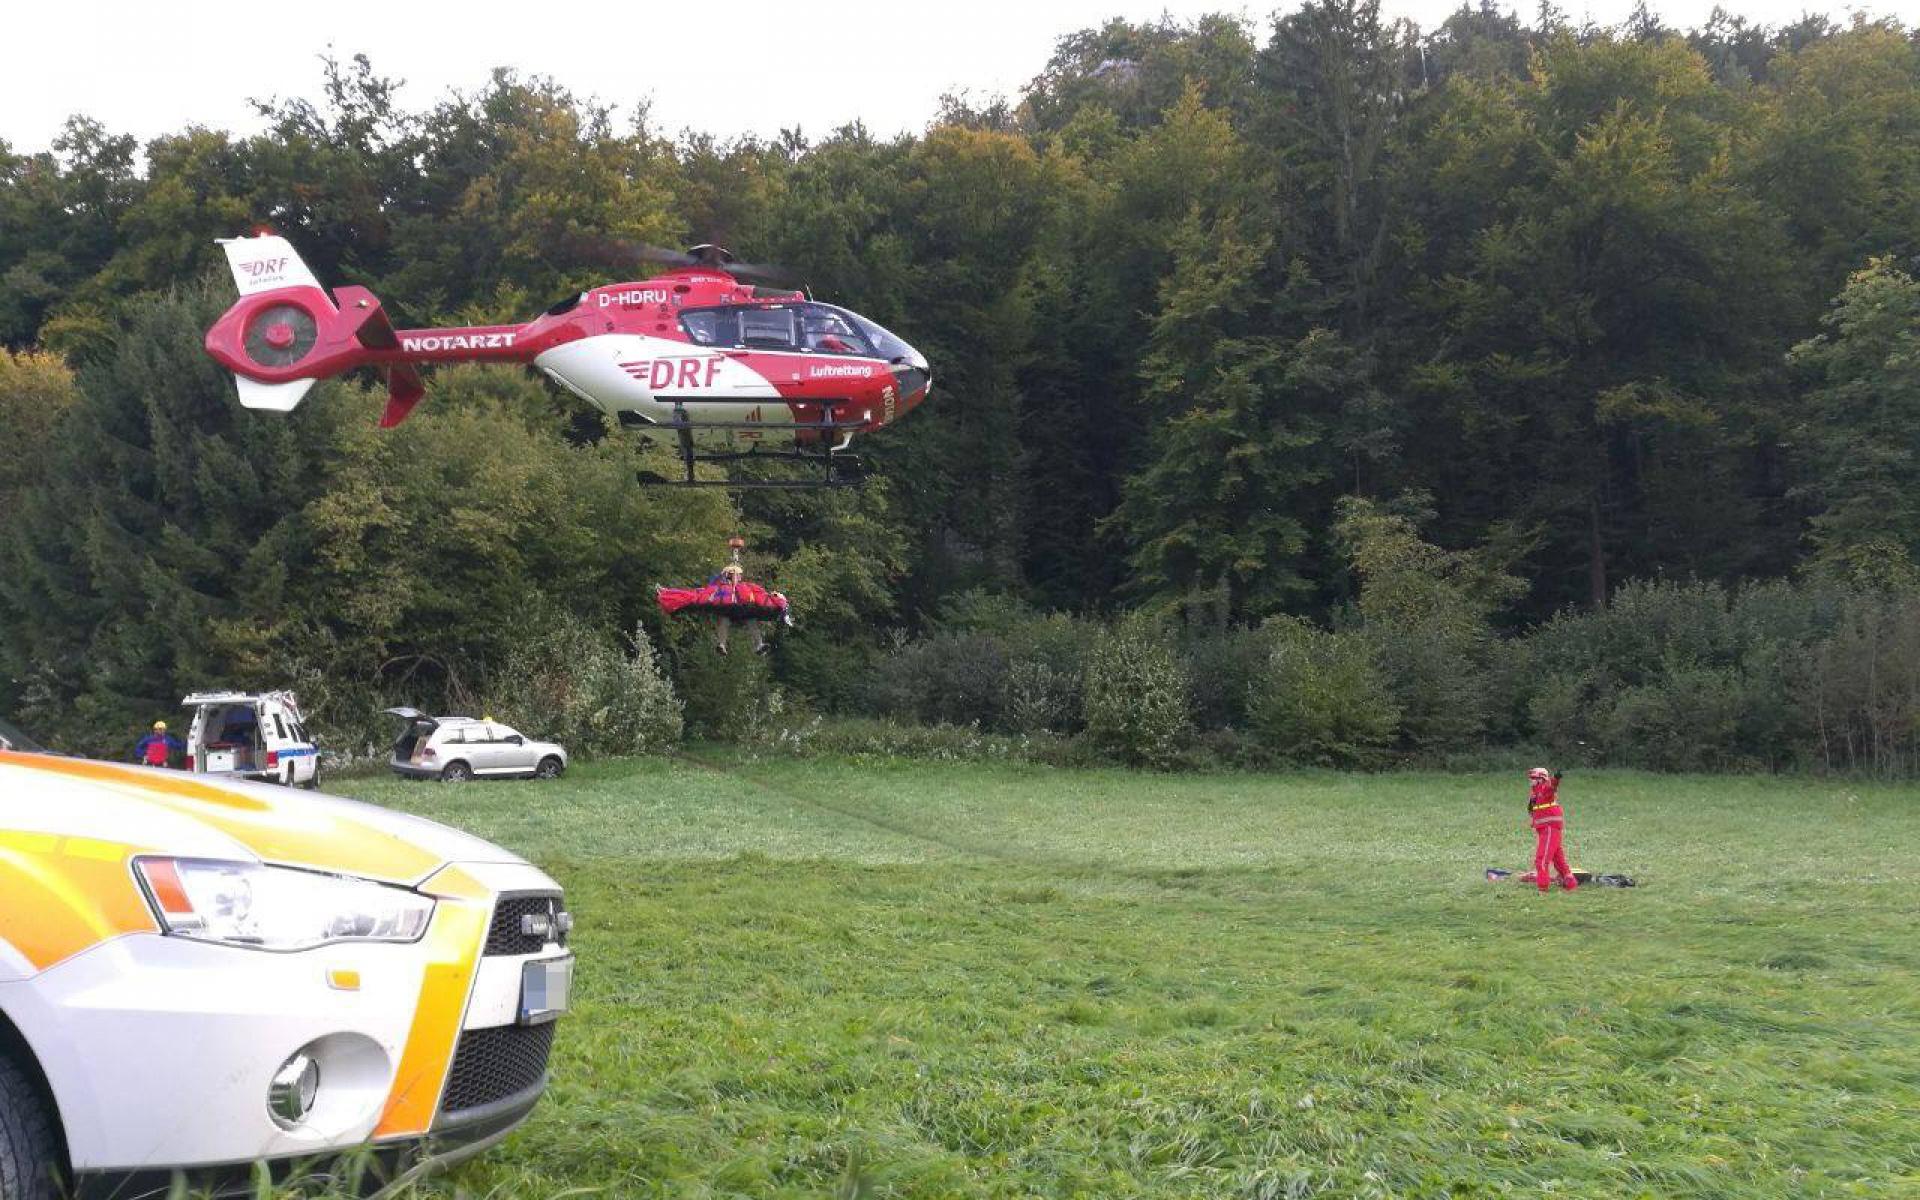 Schneller und schonender Transport eines Schwerverletzten in eine Spezialklinik dank der Rettungswinde von Christoph 27.